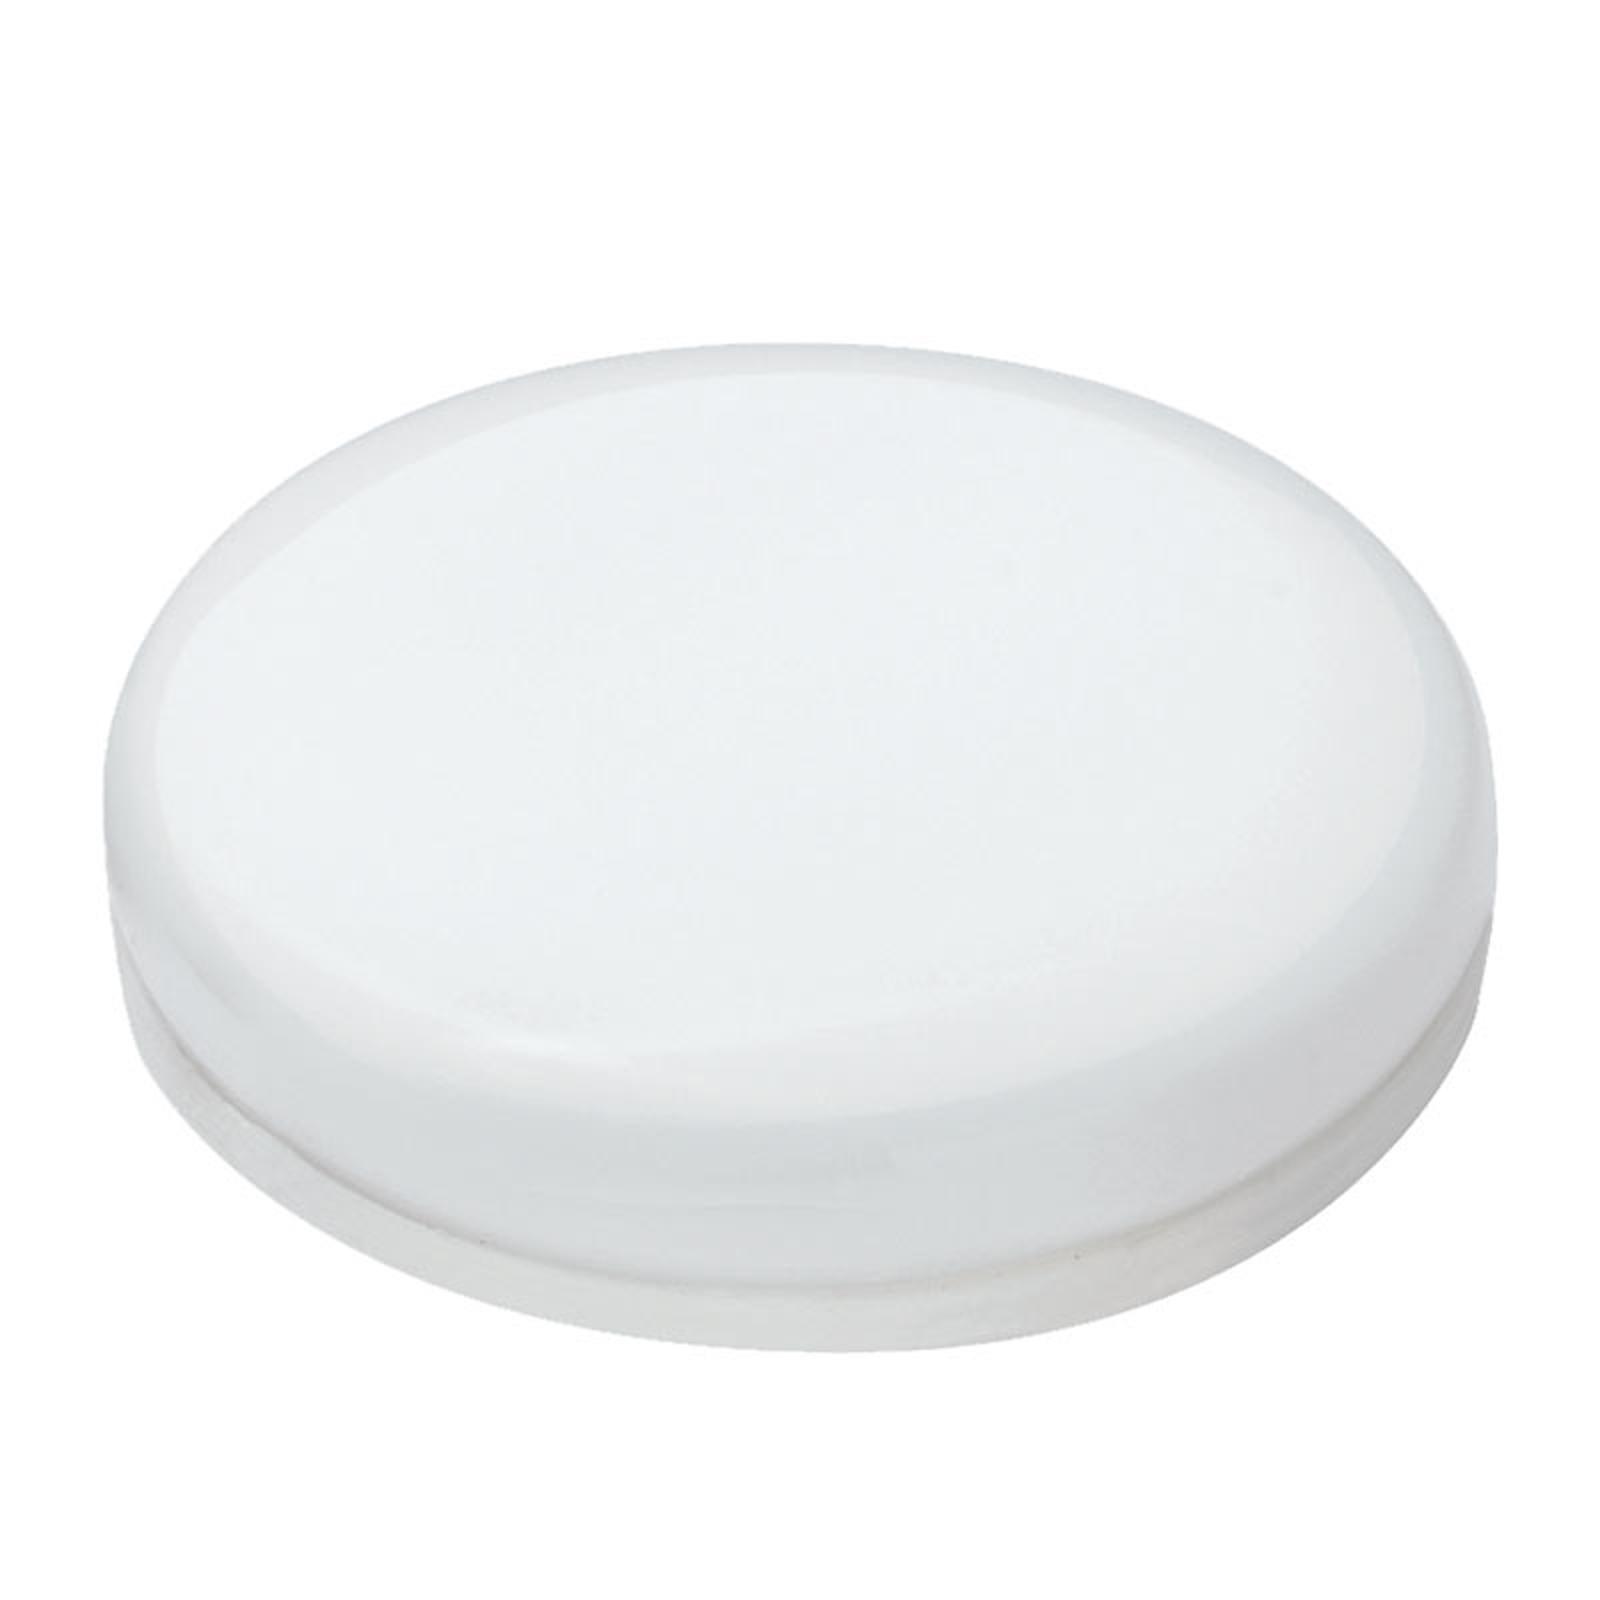 LED-Lampe GX53 6W warmweiß, dimmbar